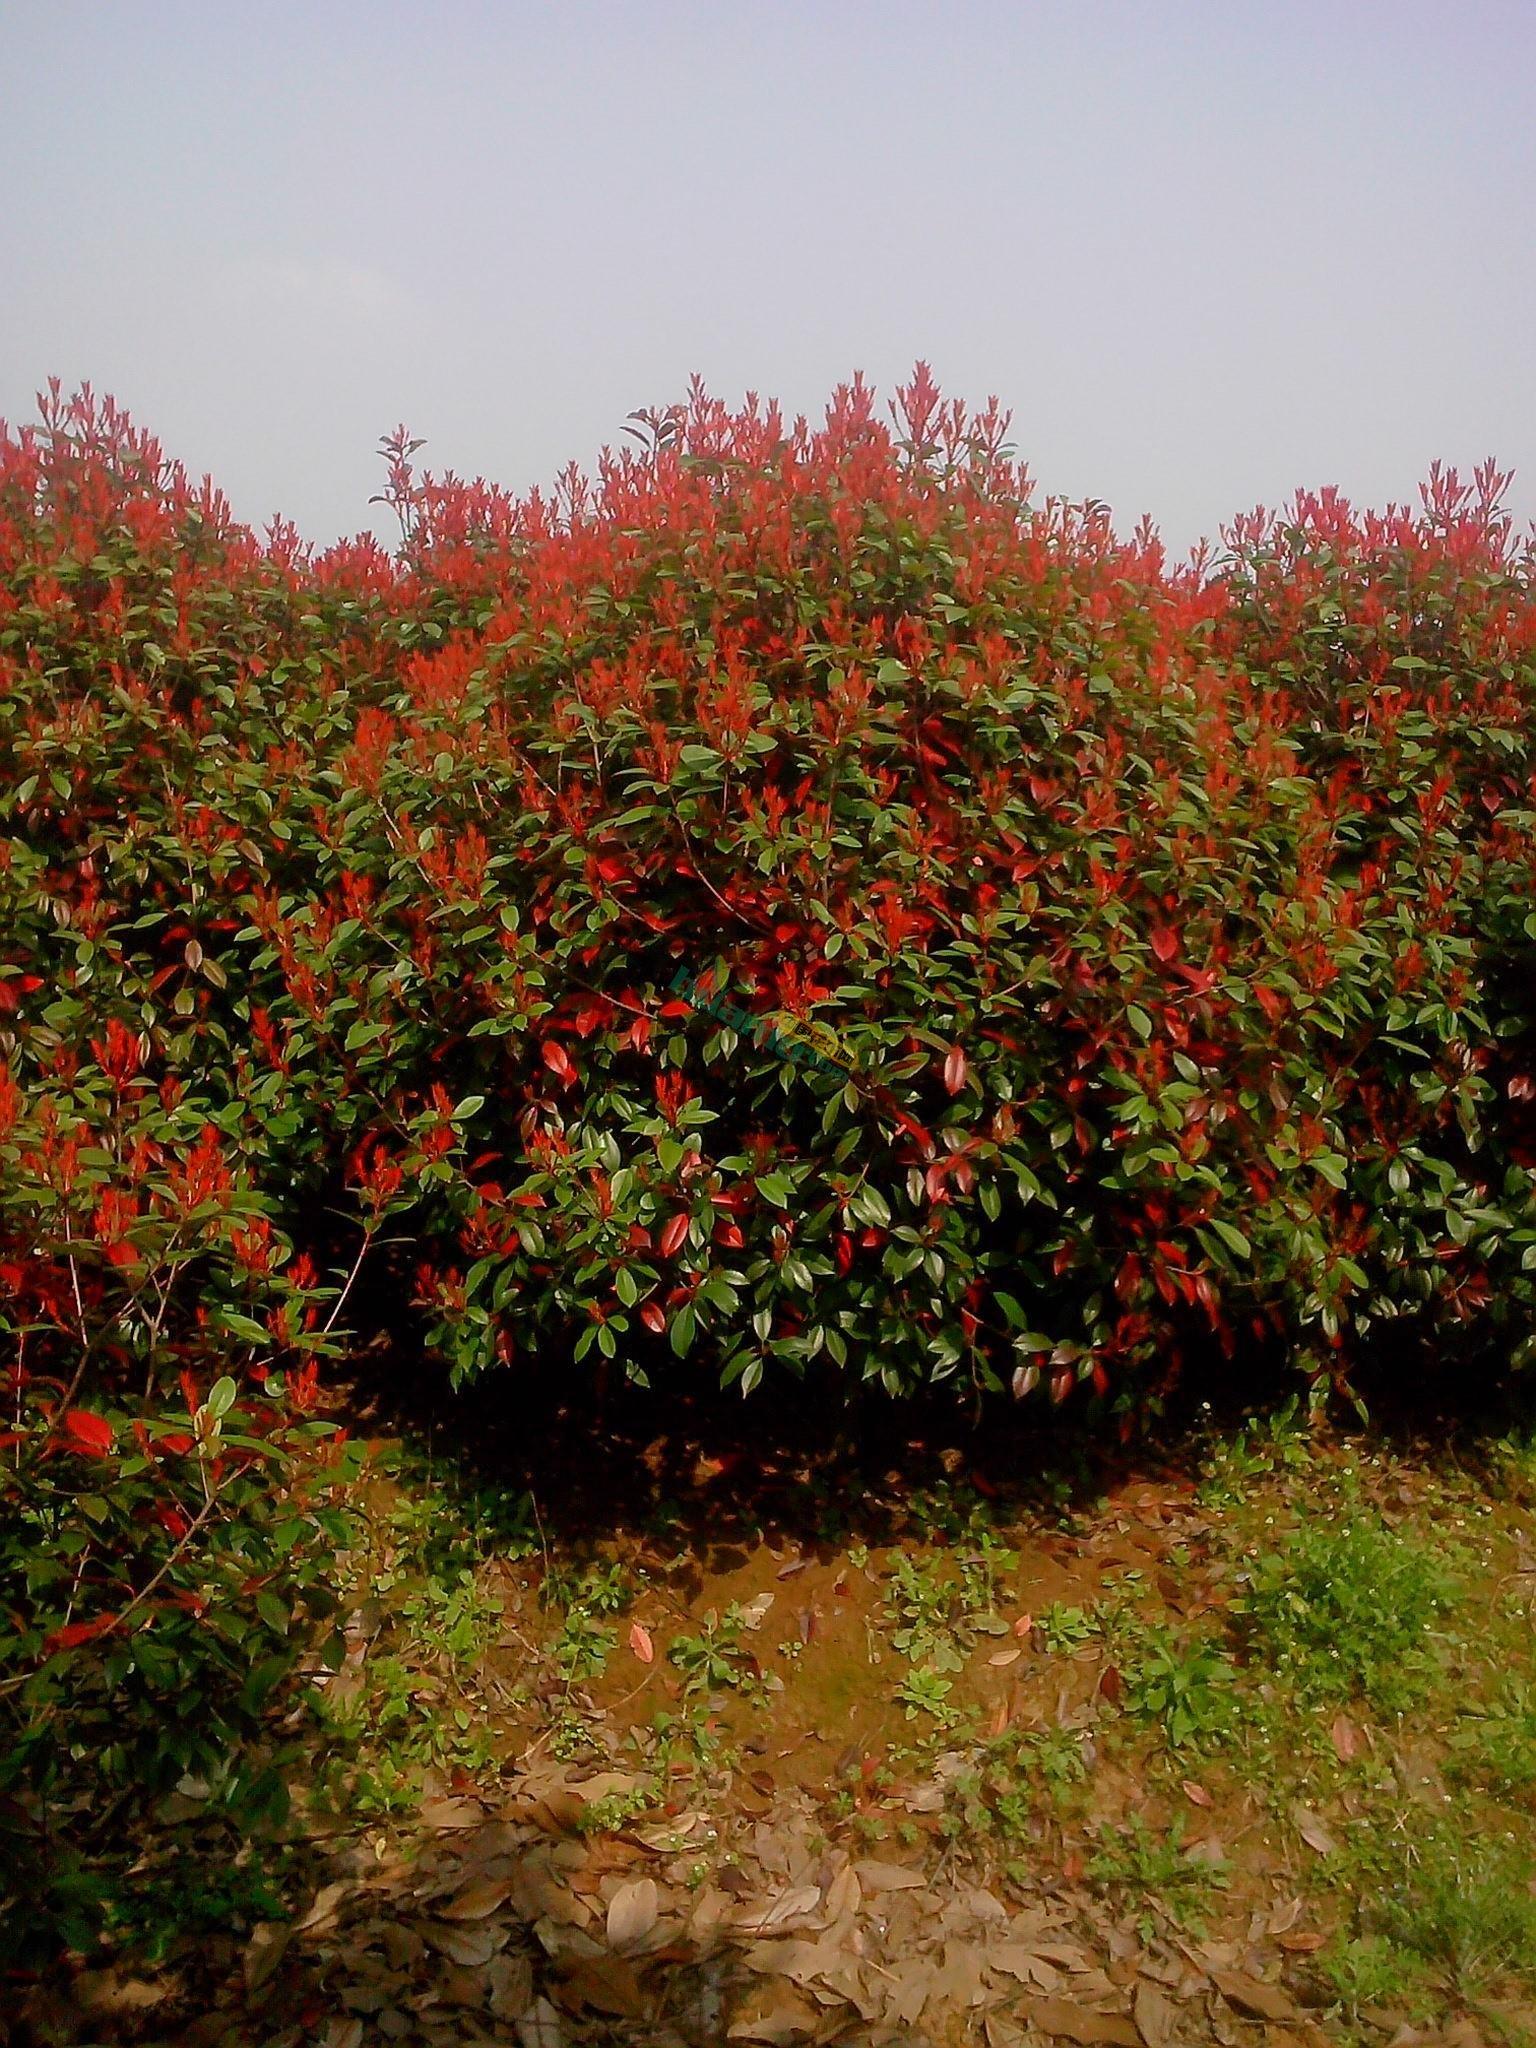 南京红叶石楠球价格,南京红叶石楠球基地,1-3米红叶石楠球